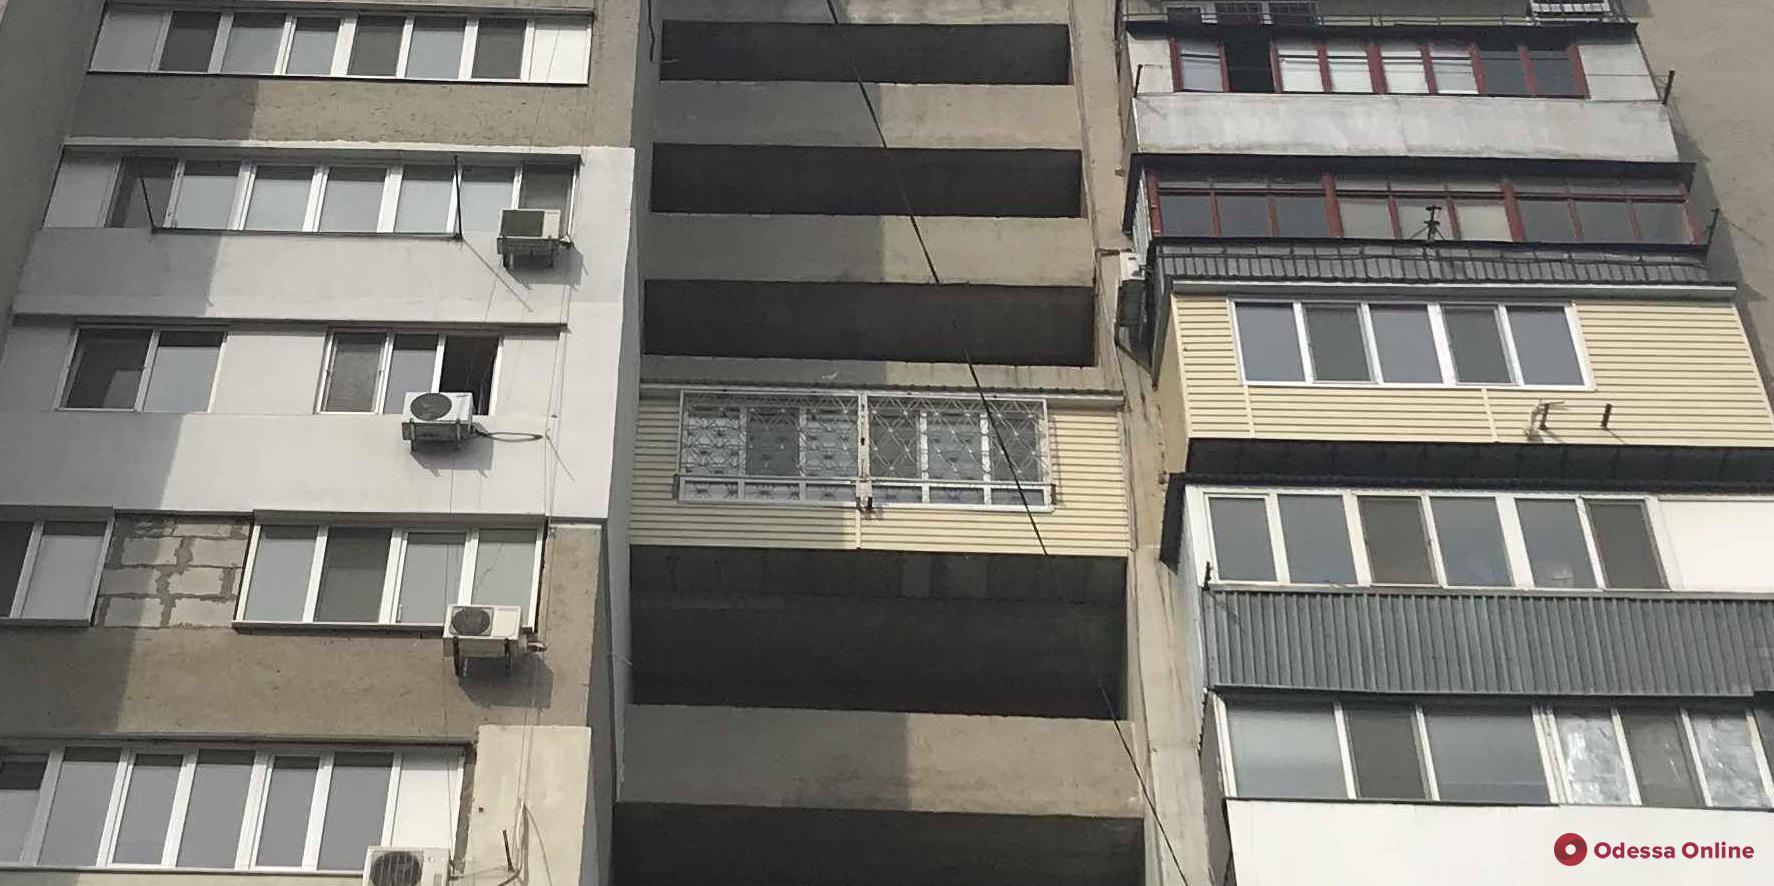 Житель одесской многоэтажки заблокировал пожарную лестницу ради расширения квартиры